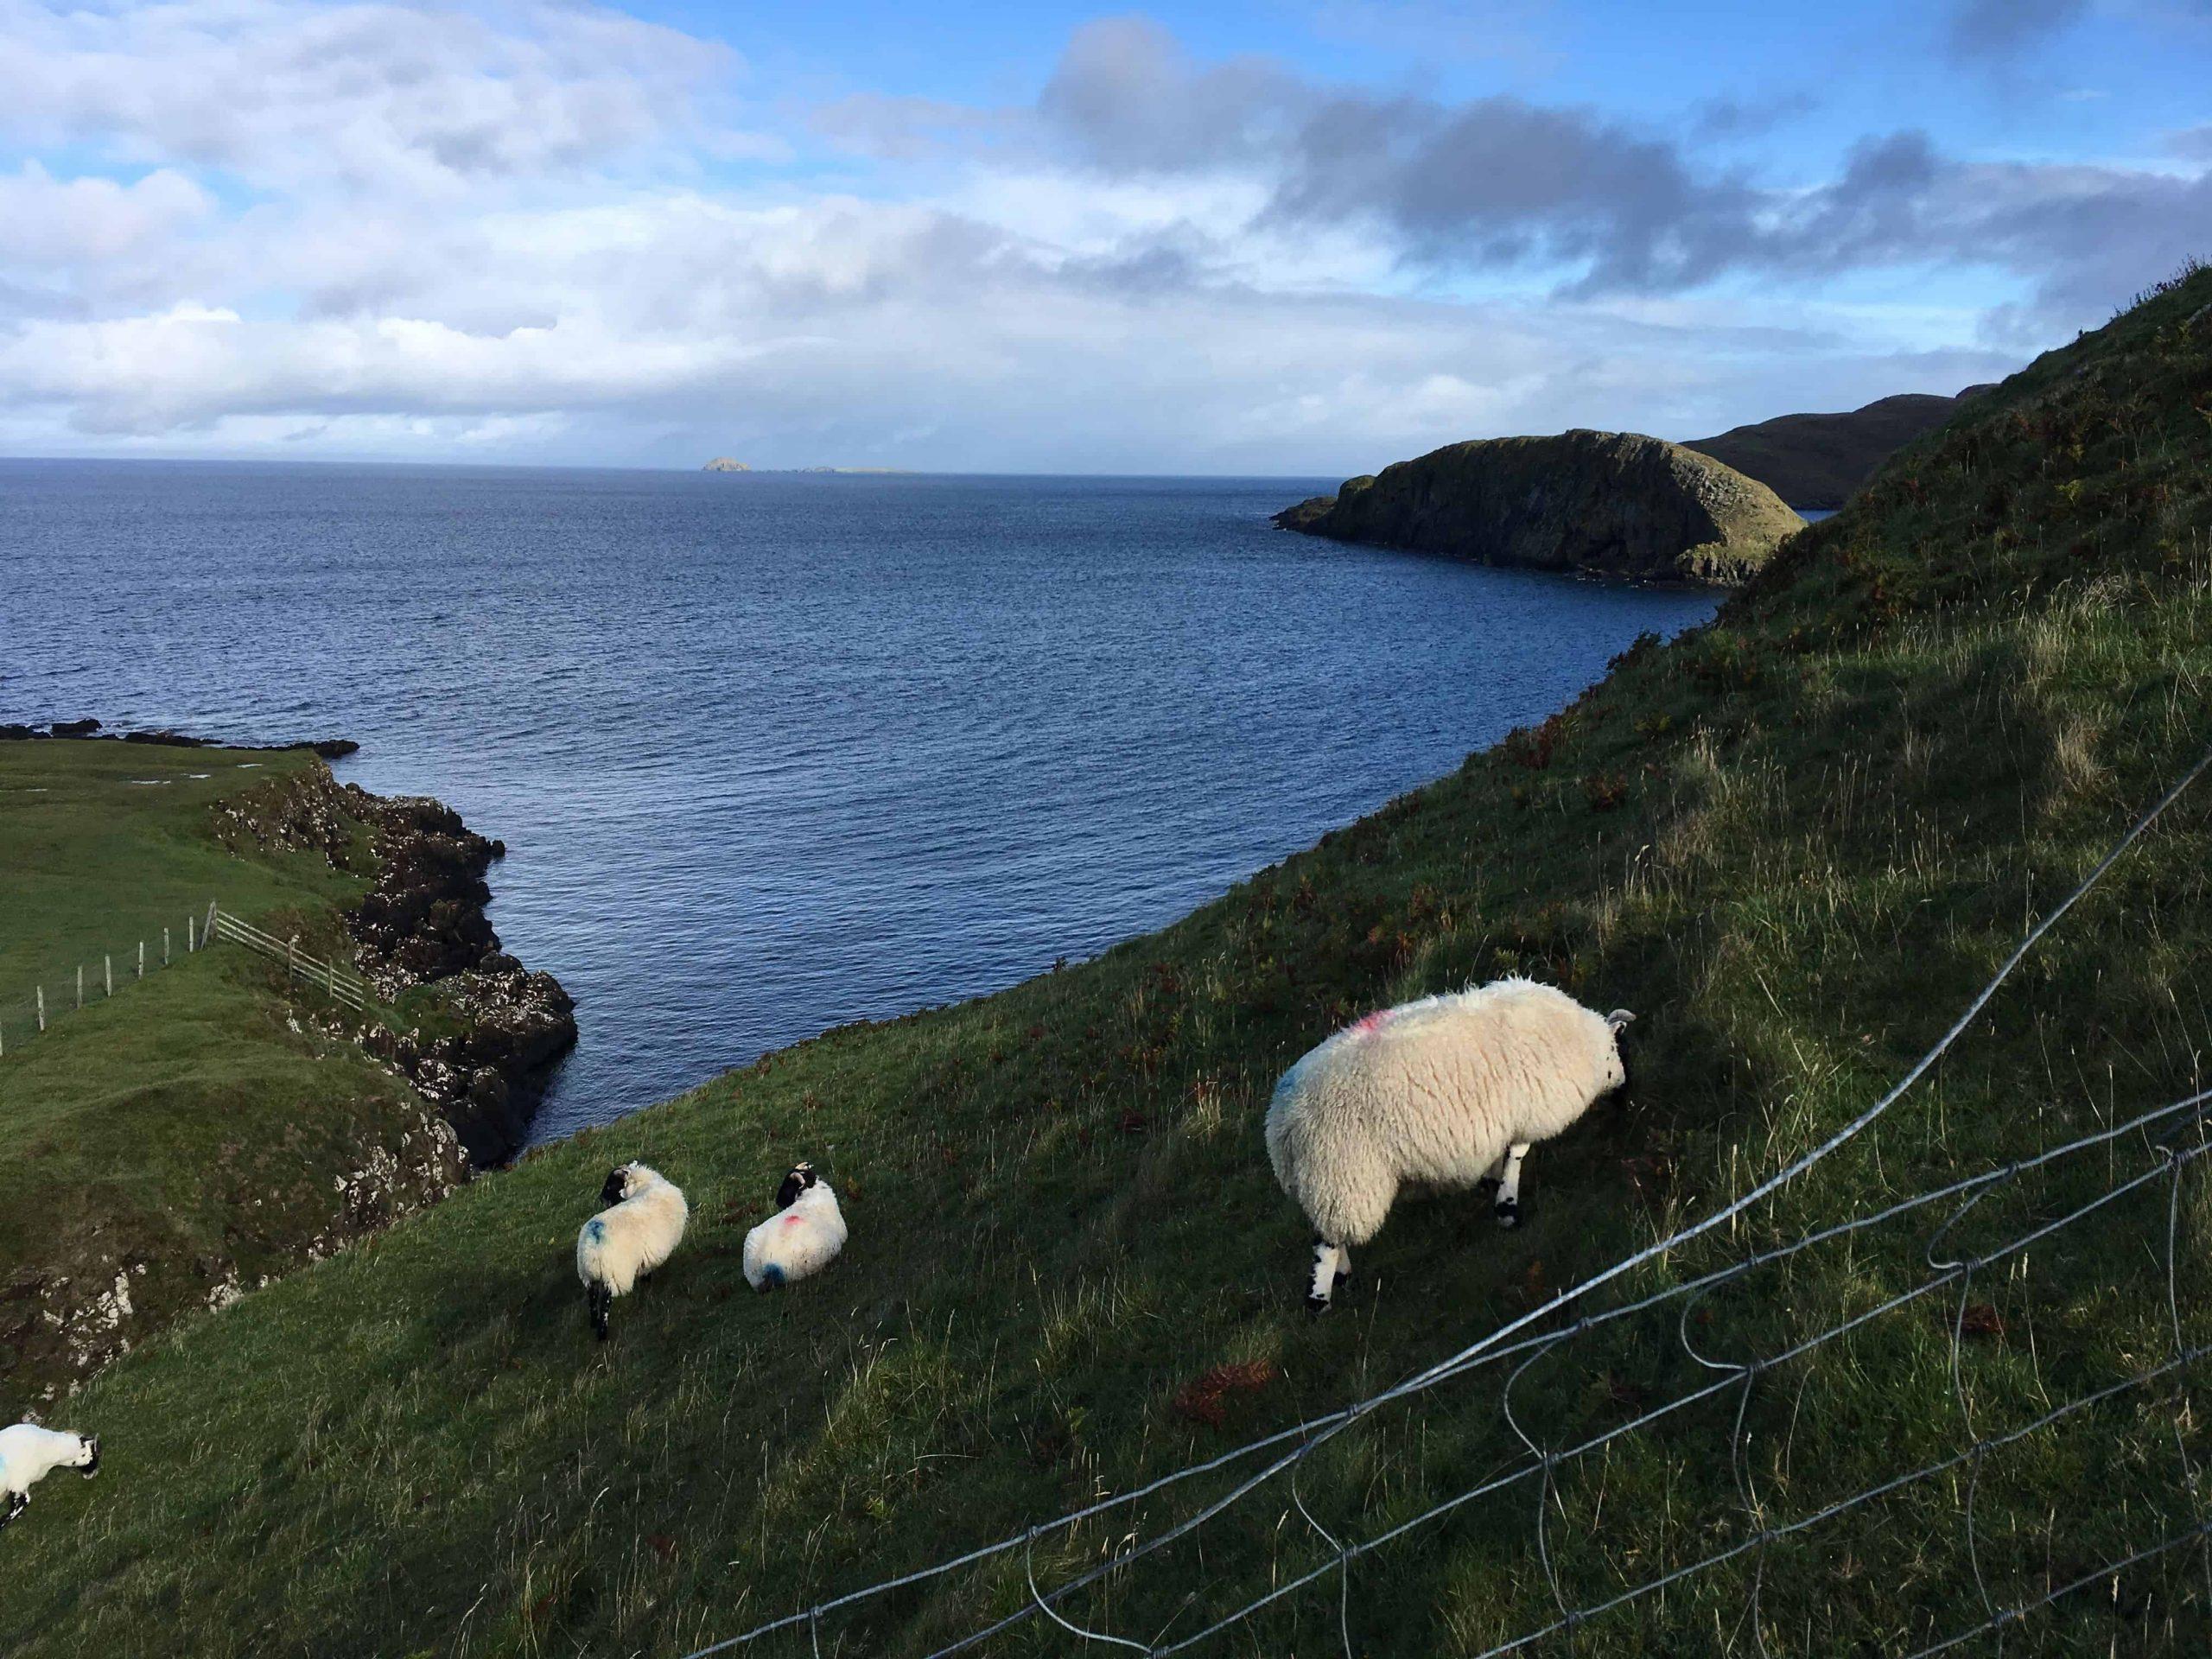 Un mouton sur le bord d'une falaise près de la mer sur L'Isle de Skye.